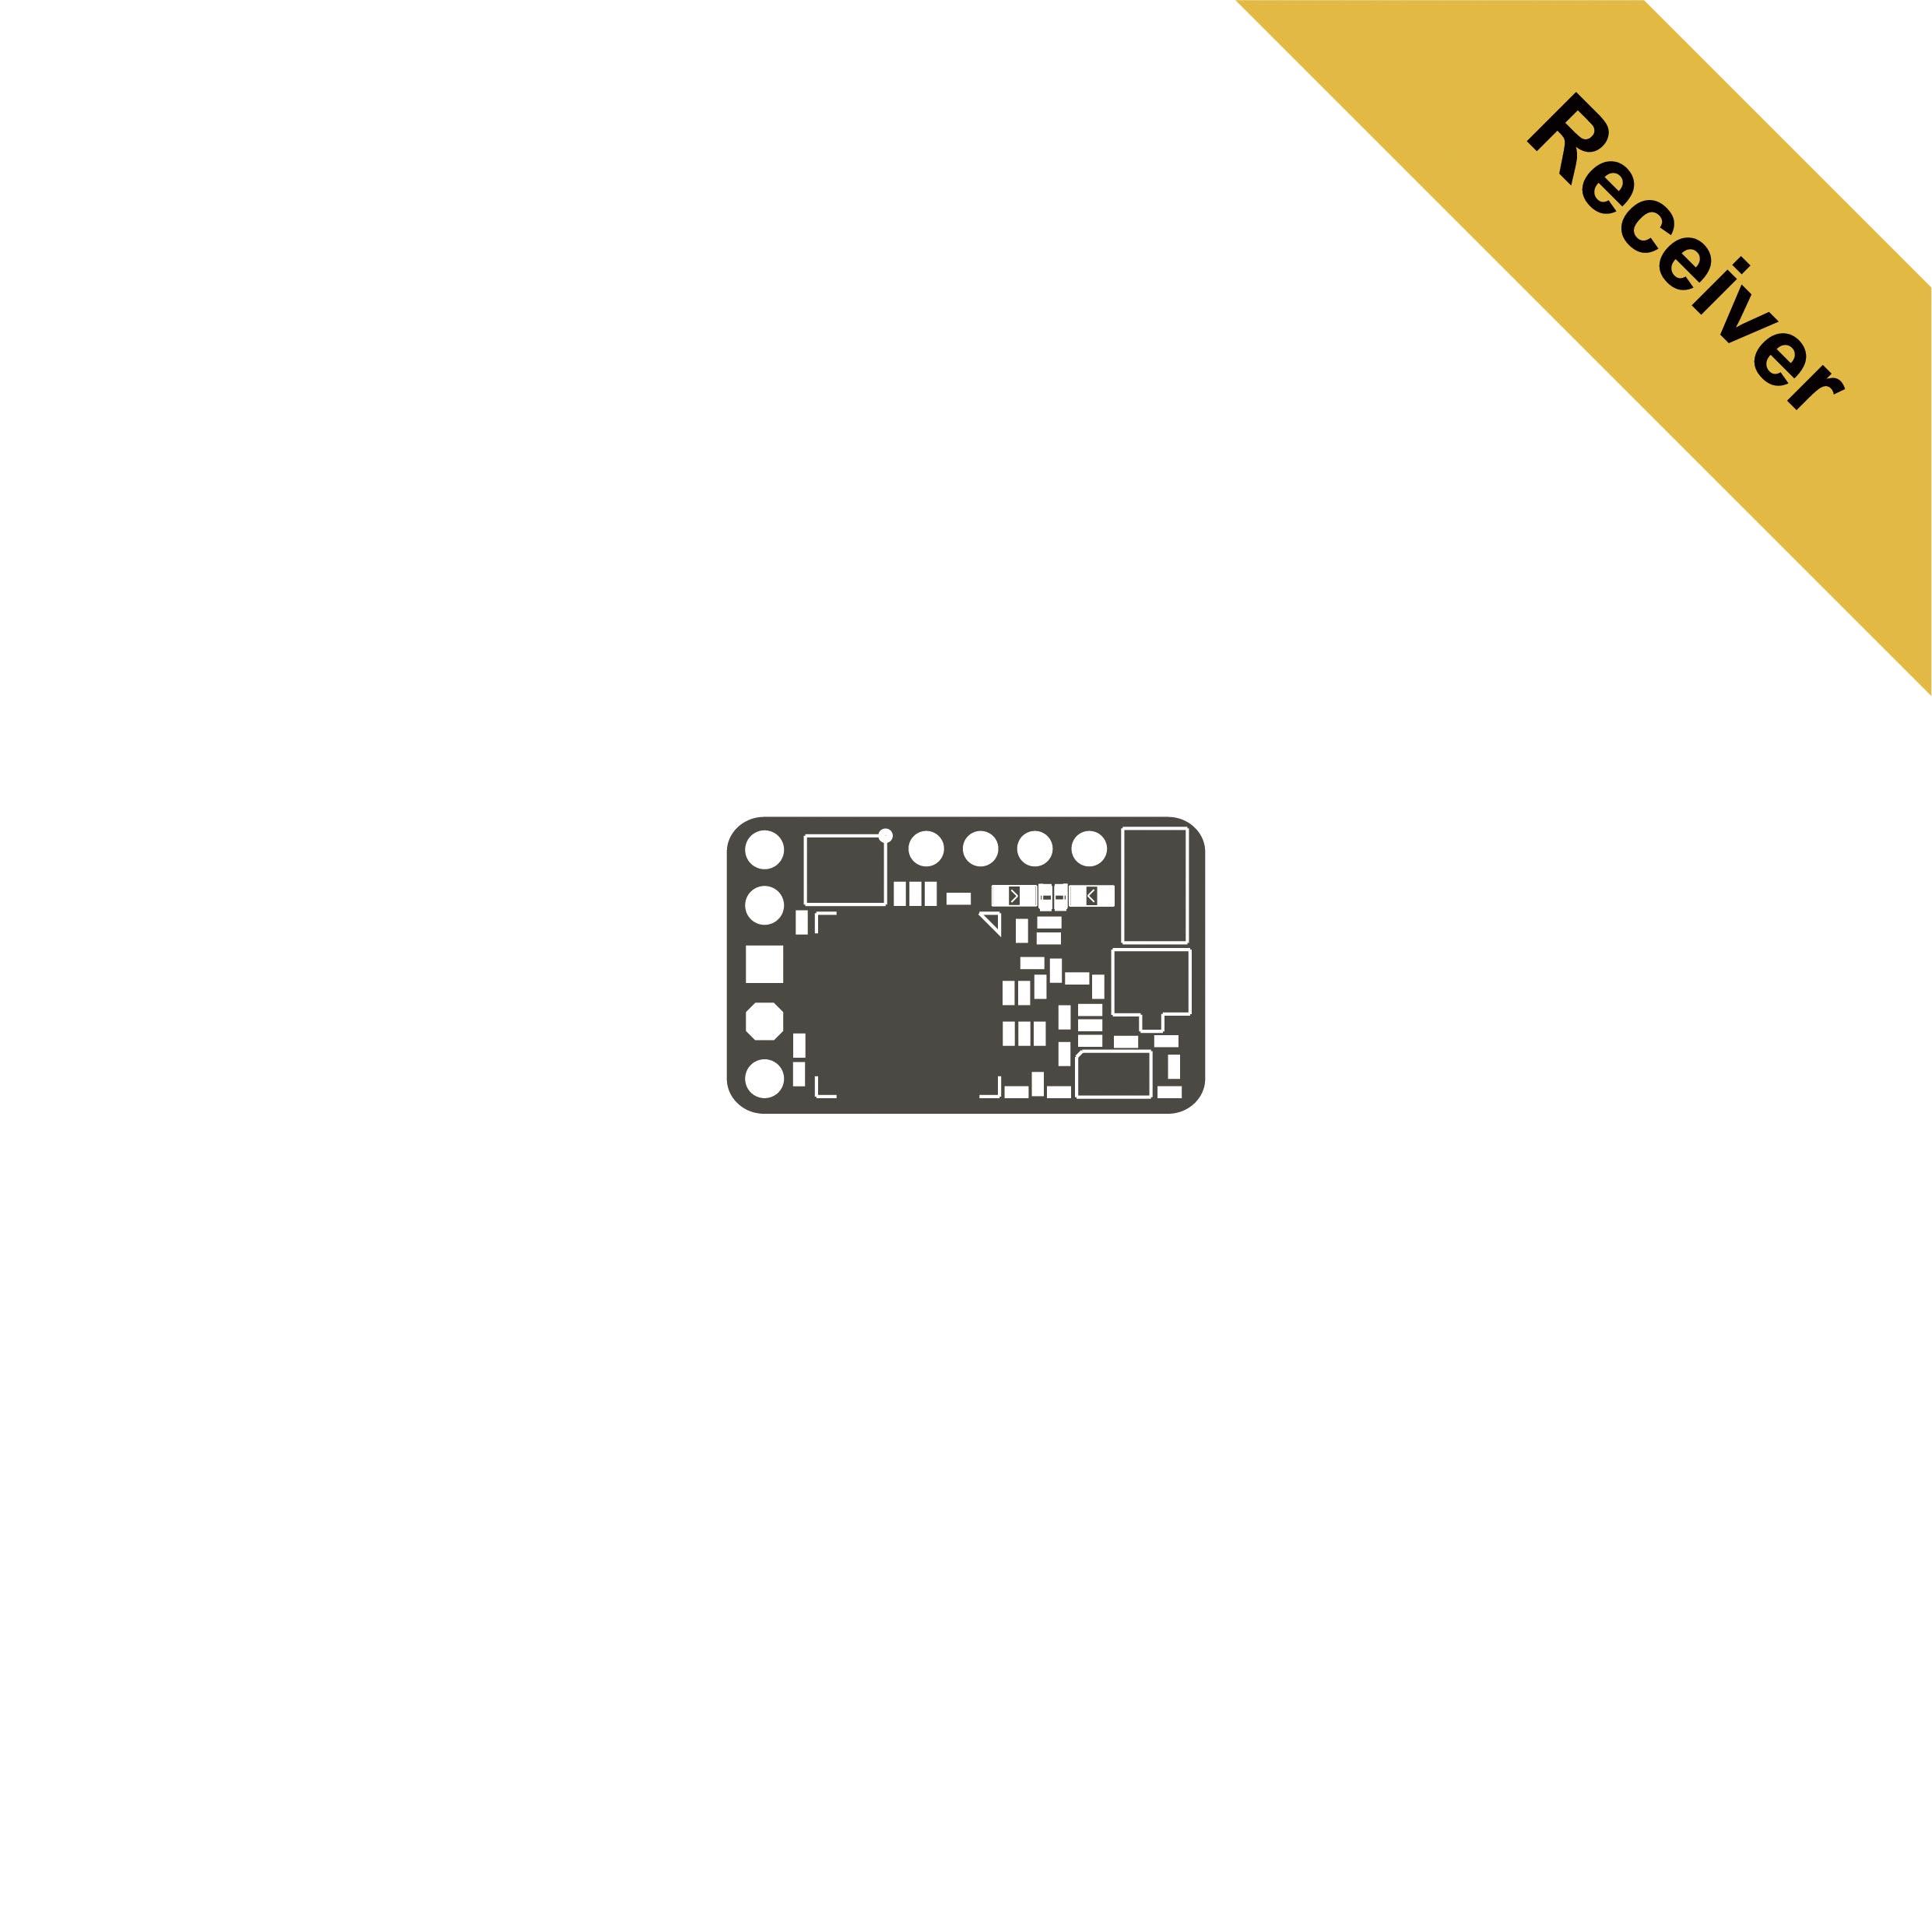 Download FrSky R9 MM Receiver Relevant Files